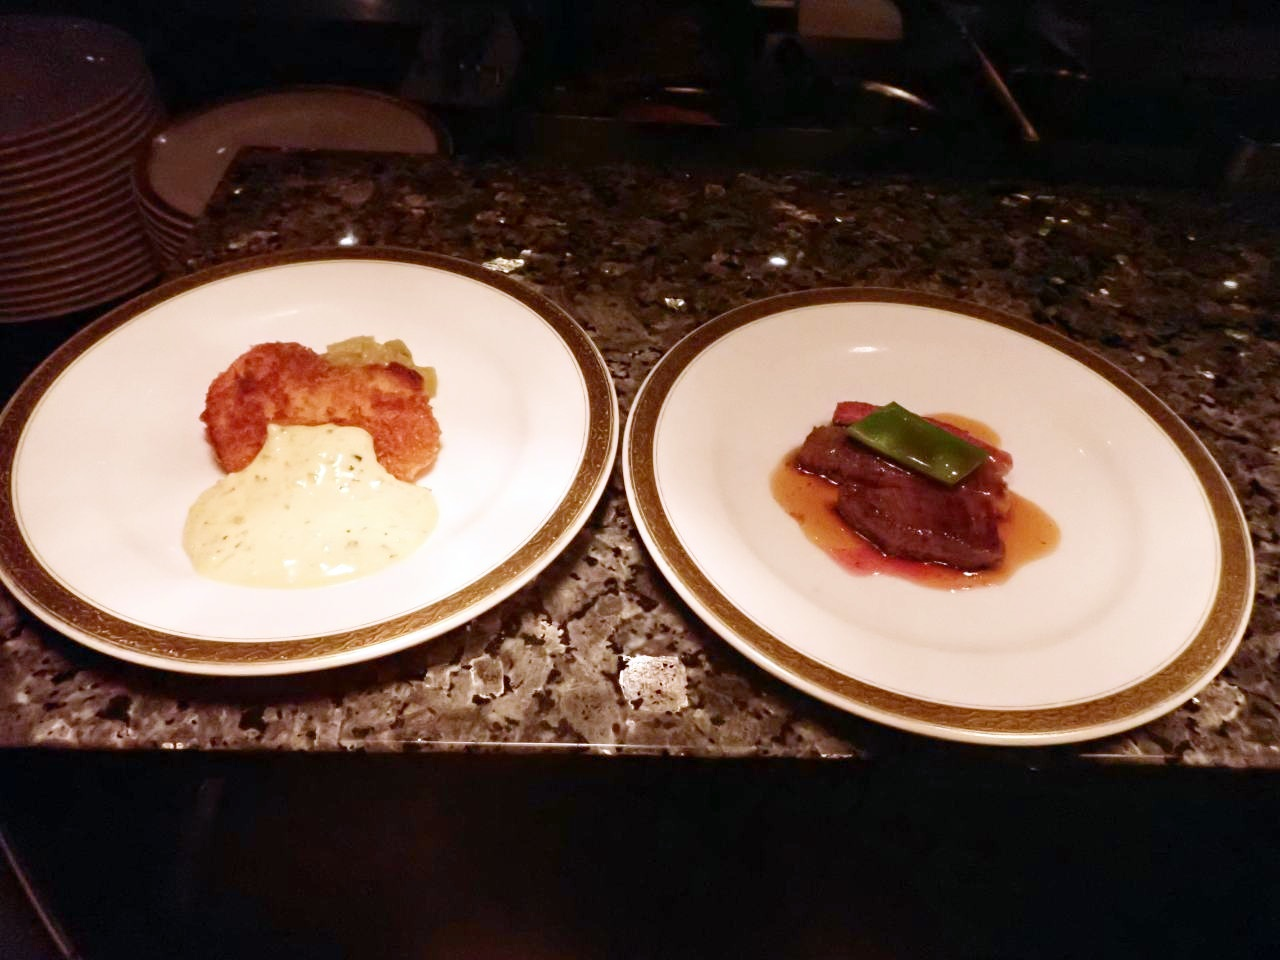 ブラックアンガス牛ステーキ、サーモンシュニッツエル自家製タルタルソース